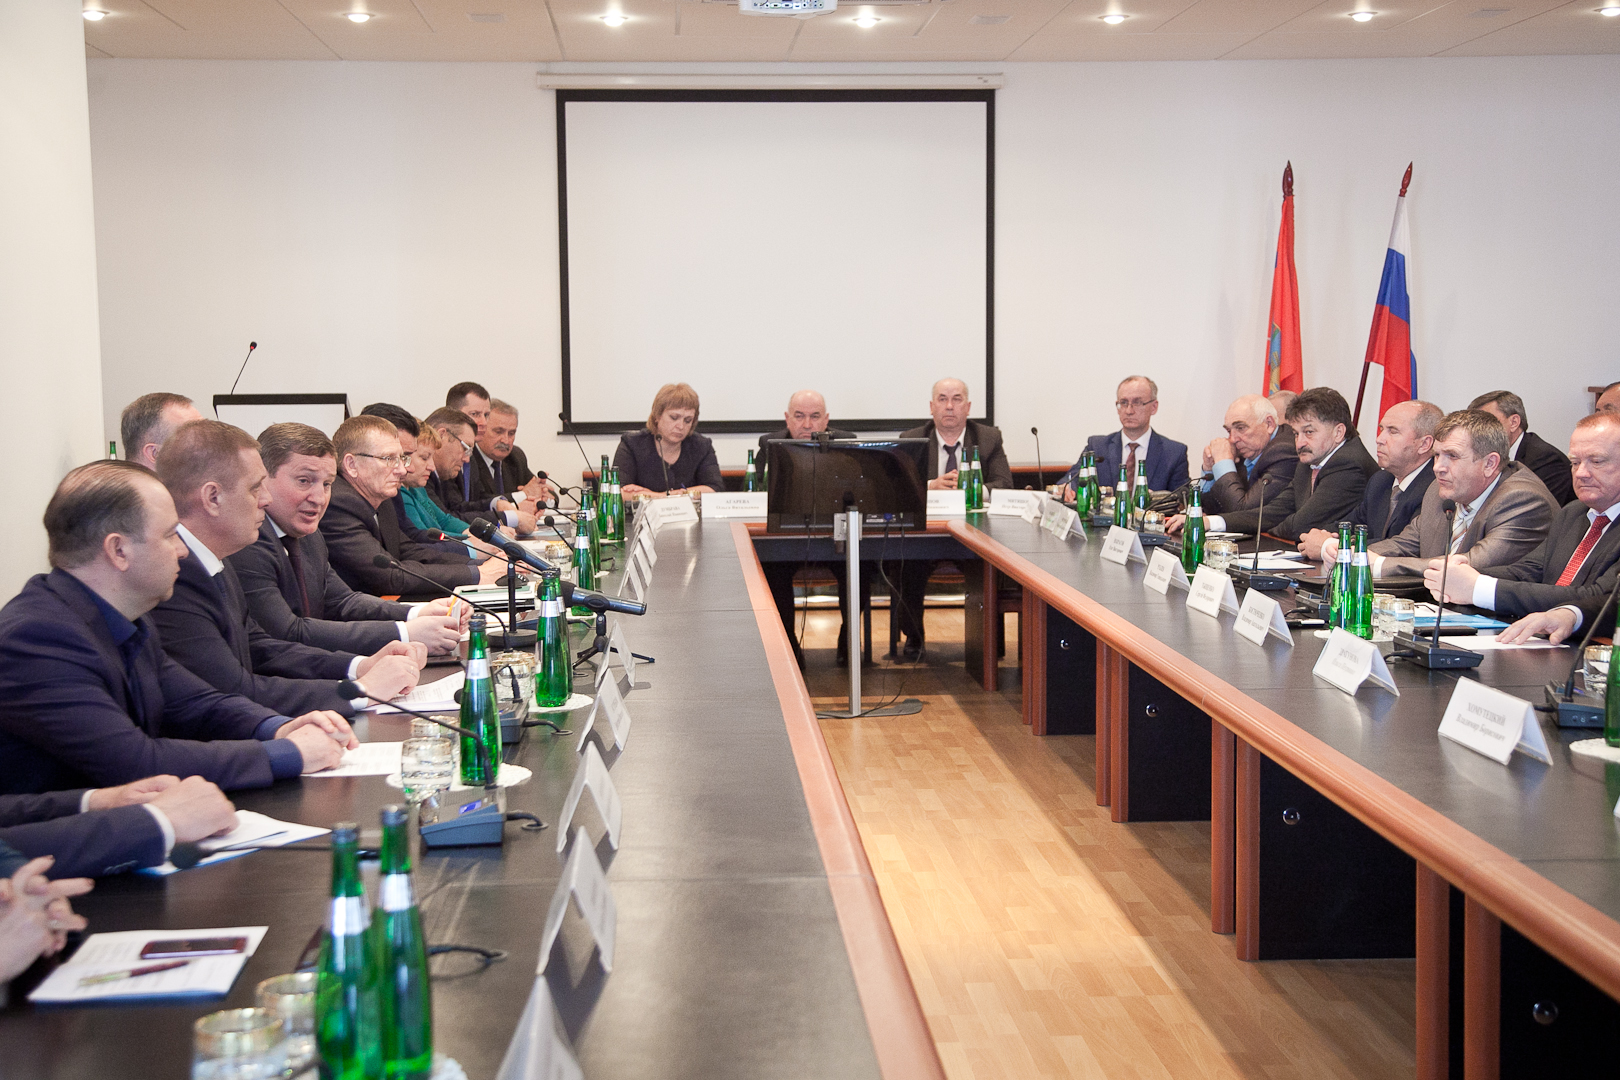 ВВолгоградской области будут обучать управляющих муниципальных представительных органов